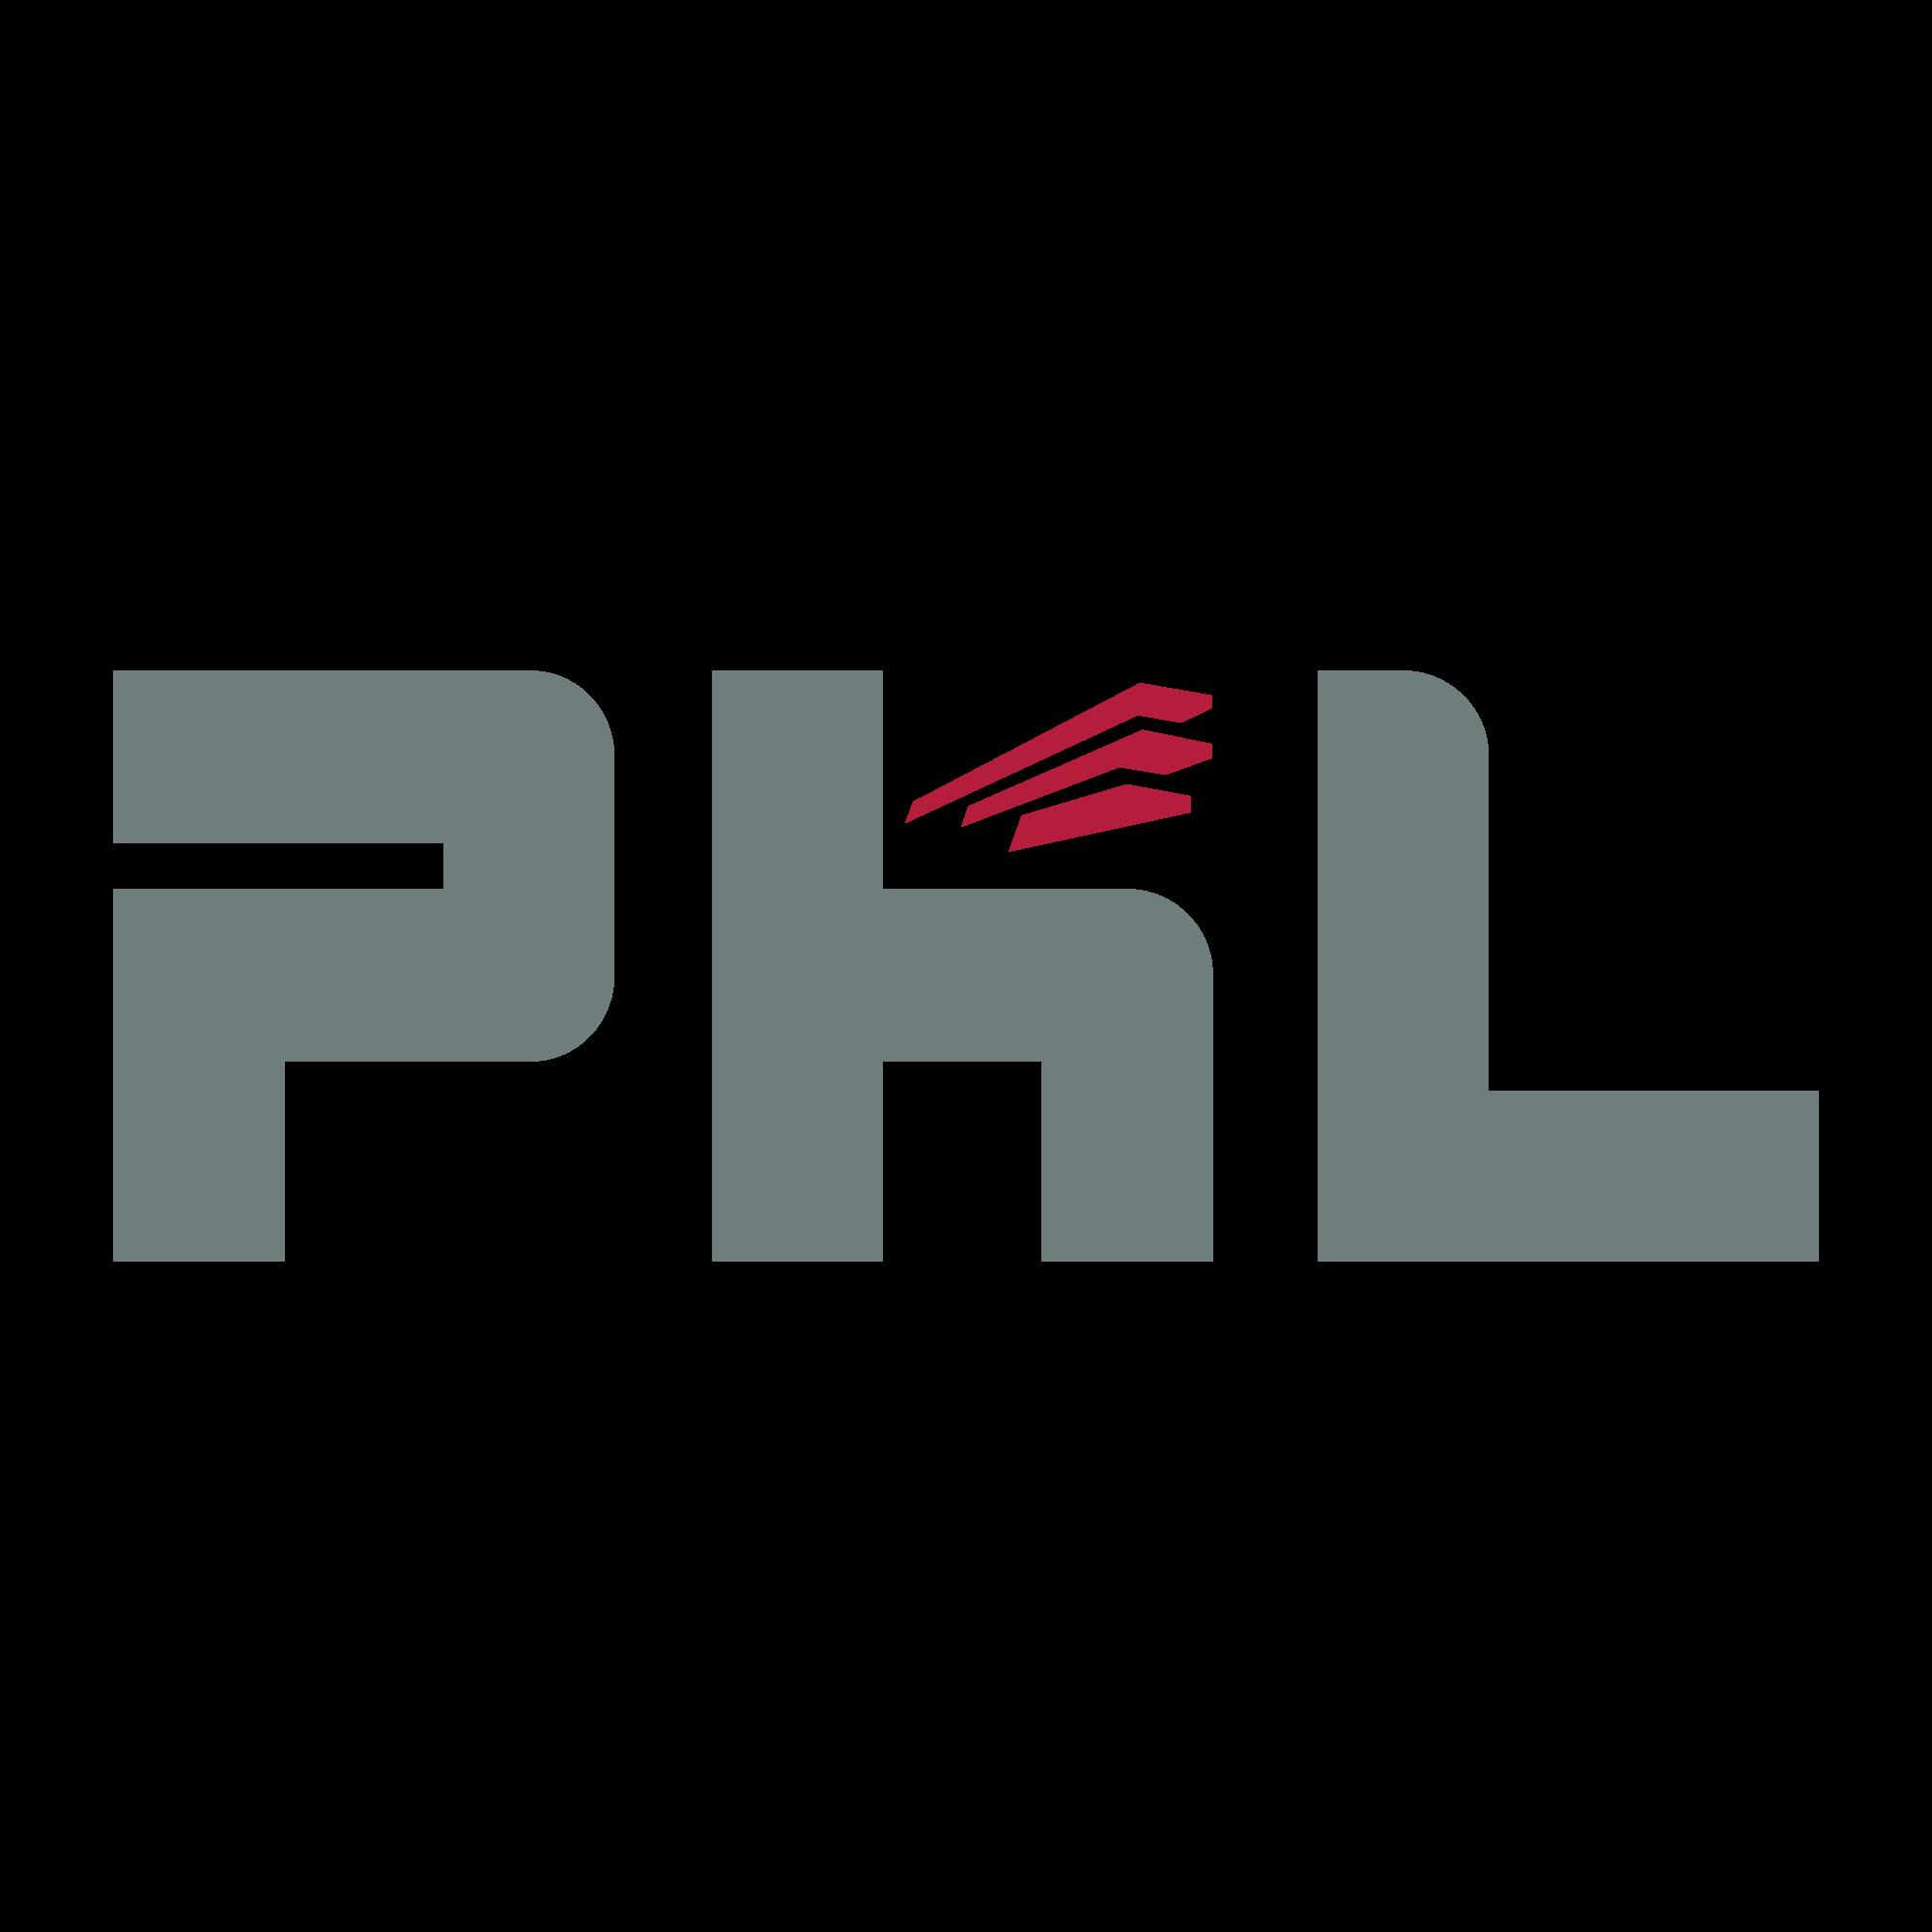 bid-group-phl-logo-2016.png